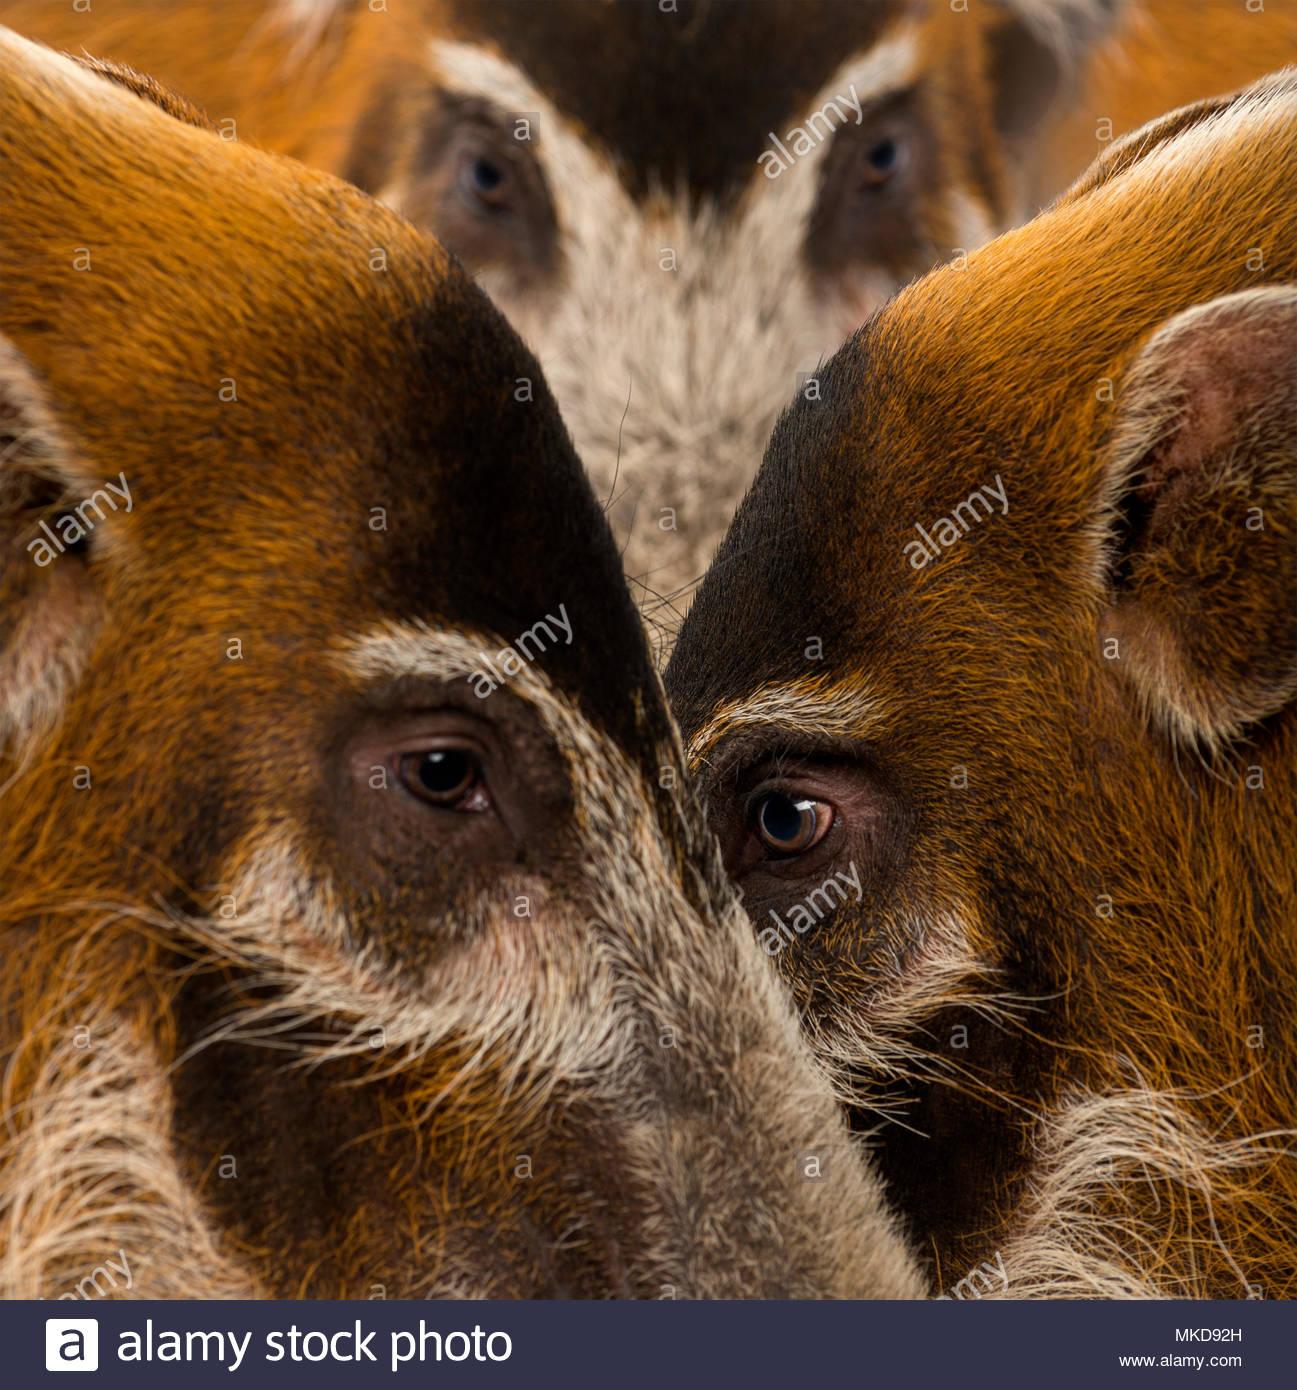 Close-up of Bush pig's heads, (Potamochoerus porcus), Mulhouse Zoological and Botanical Park, France - Stock Image